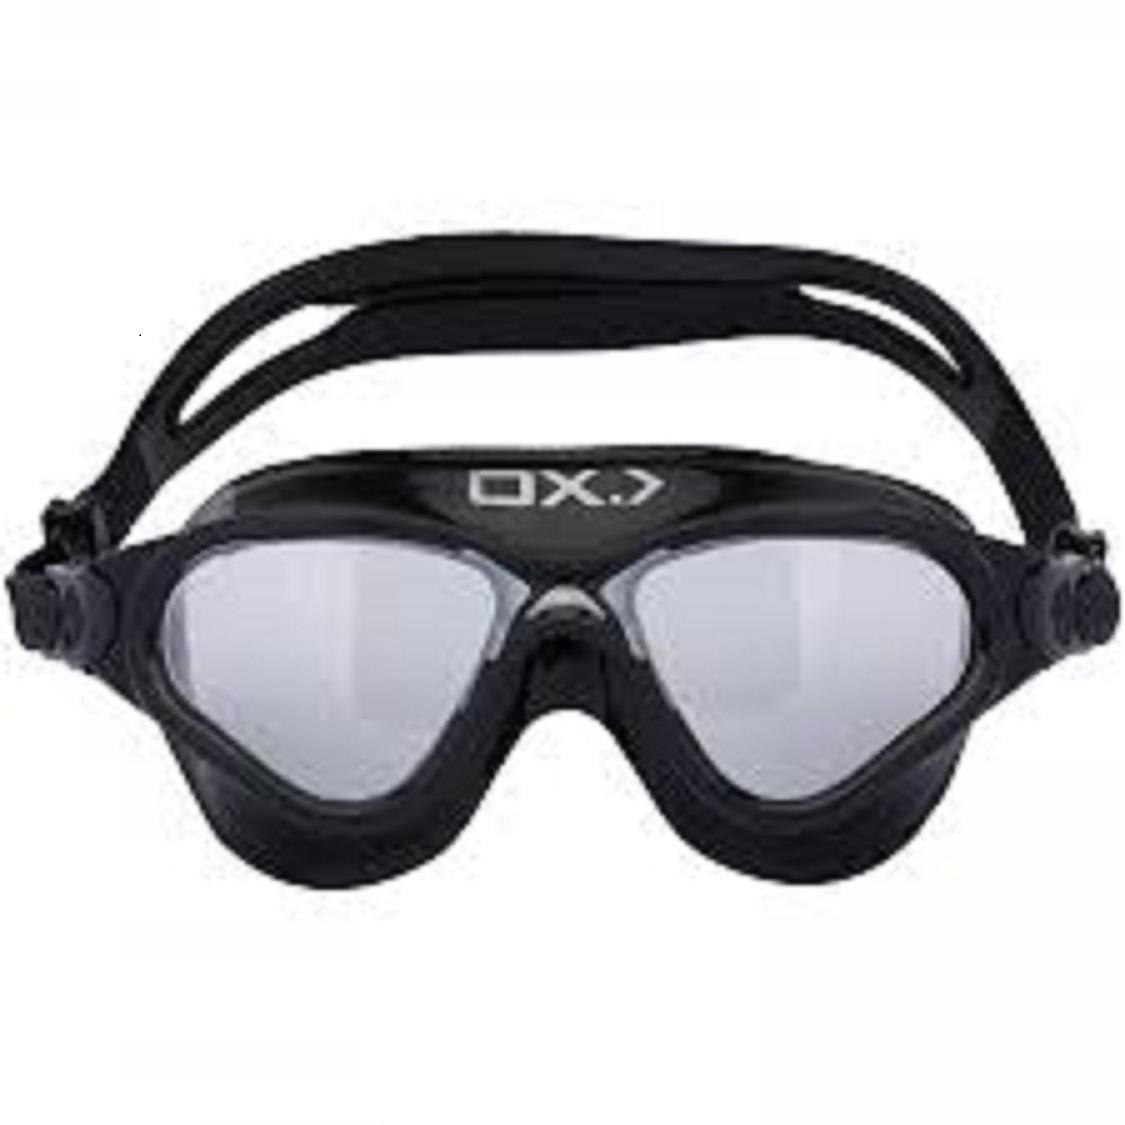 3bce5955b Óculos De Natação Oxer Oxean G-8032 - Adulto - R  64